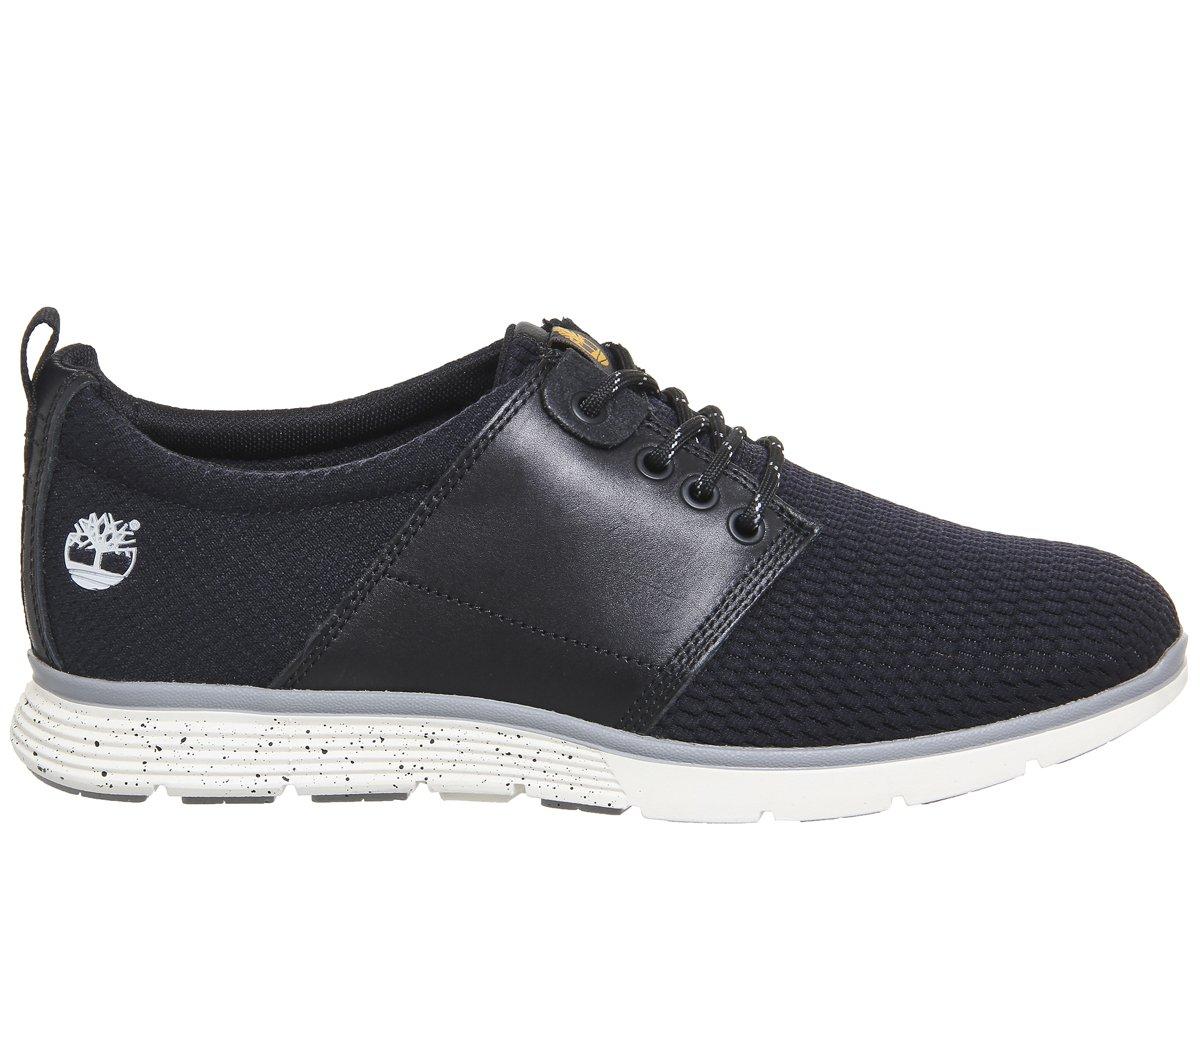 Timberland Men's Killington Oxford Shoes Black 12 W